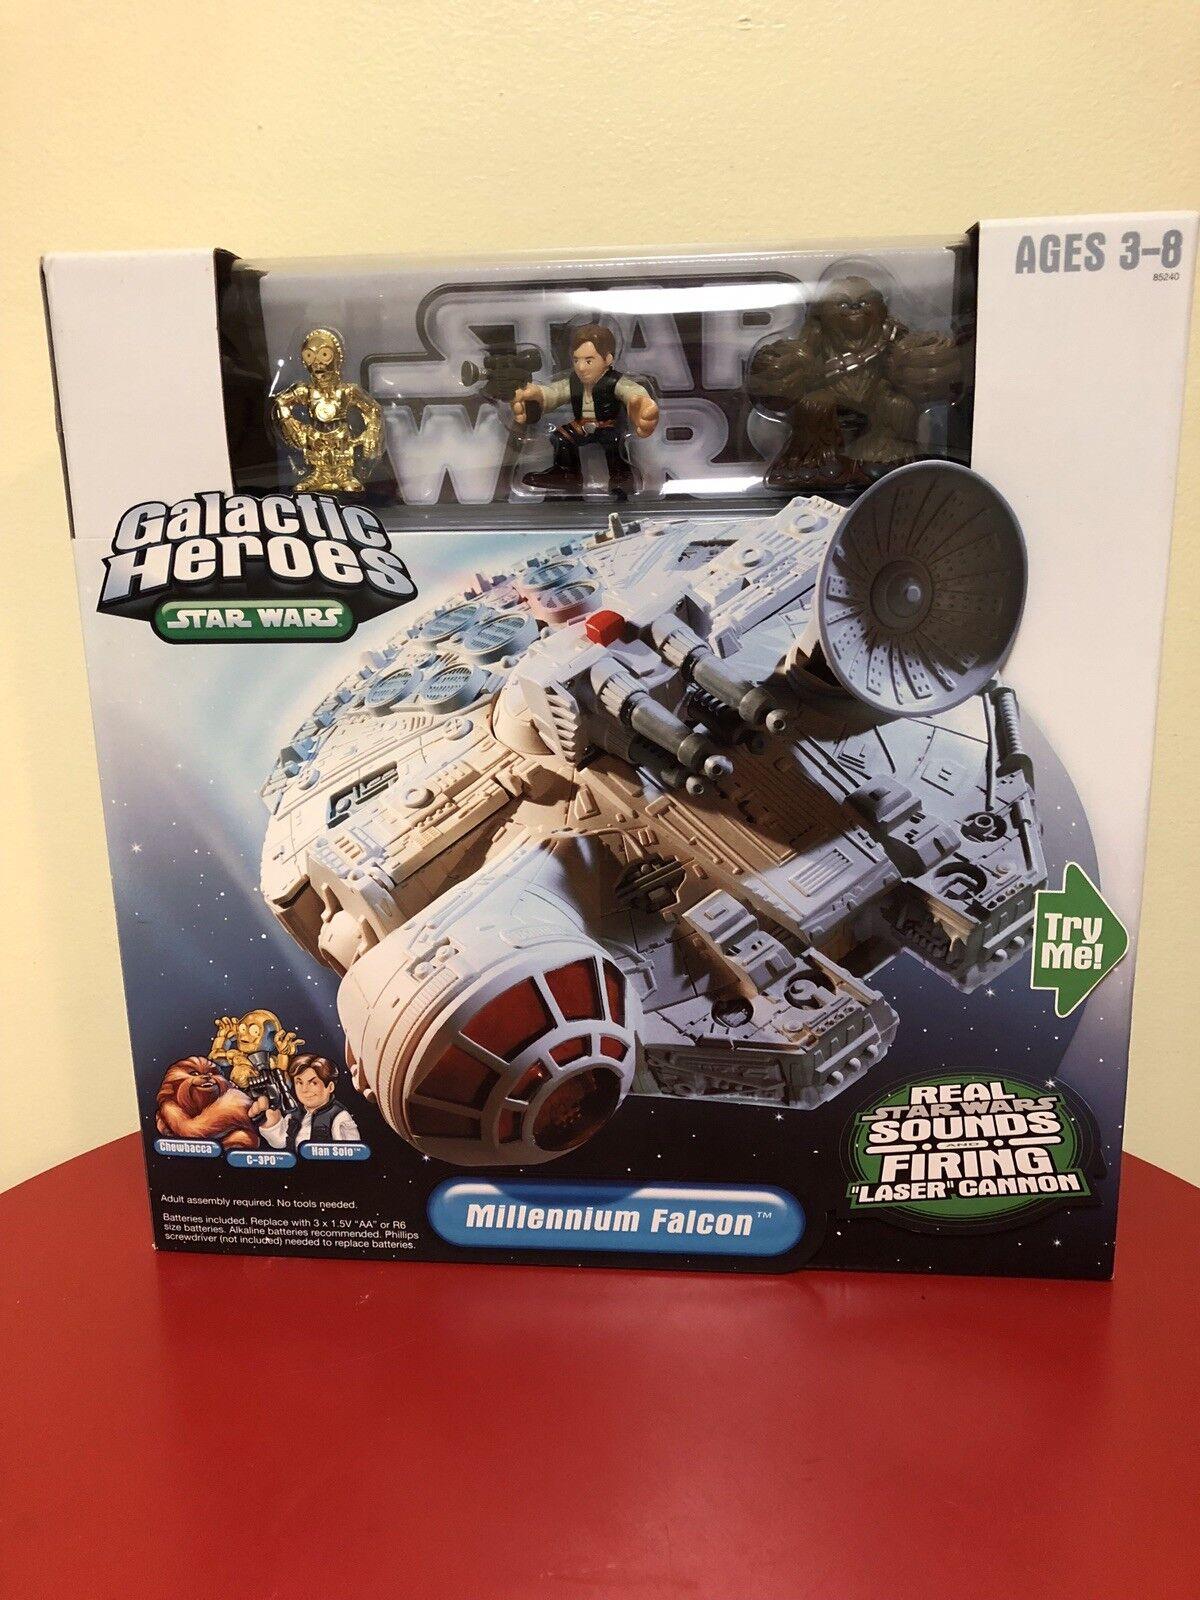 Star wars millennium falcon galaktische helden solo & chewbacca nib ungeöffnet.